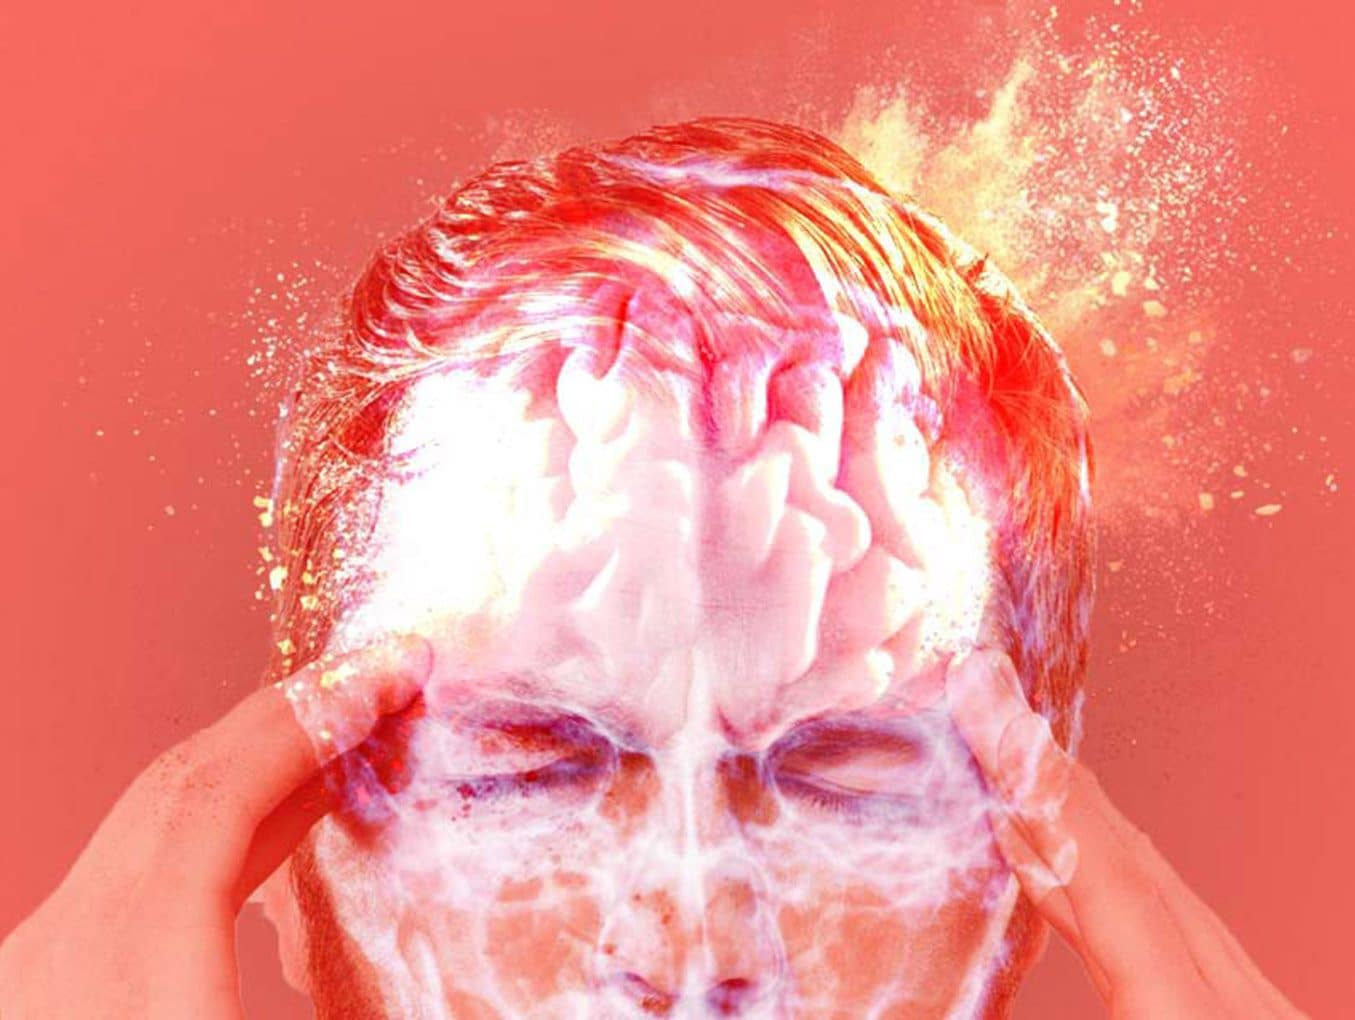 Estresse e o que você precisa saber - Dor Crônica - O Blog das Dores Crônicas